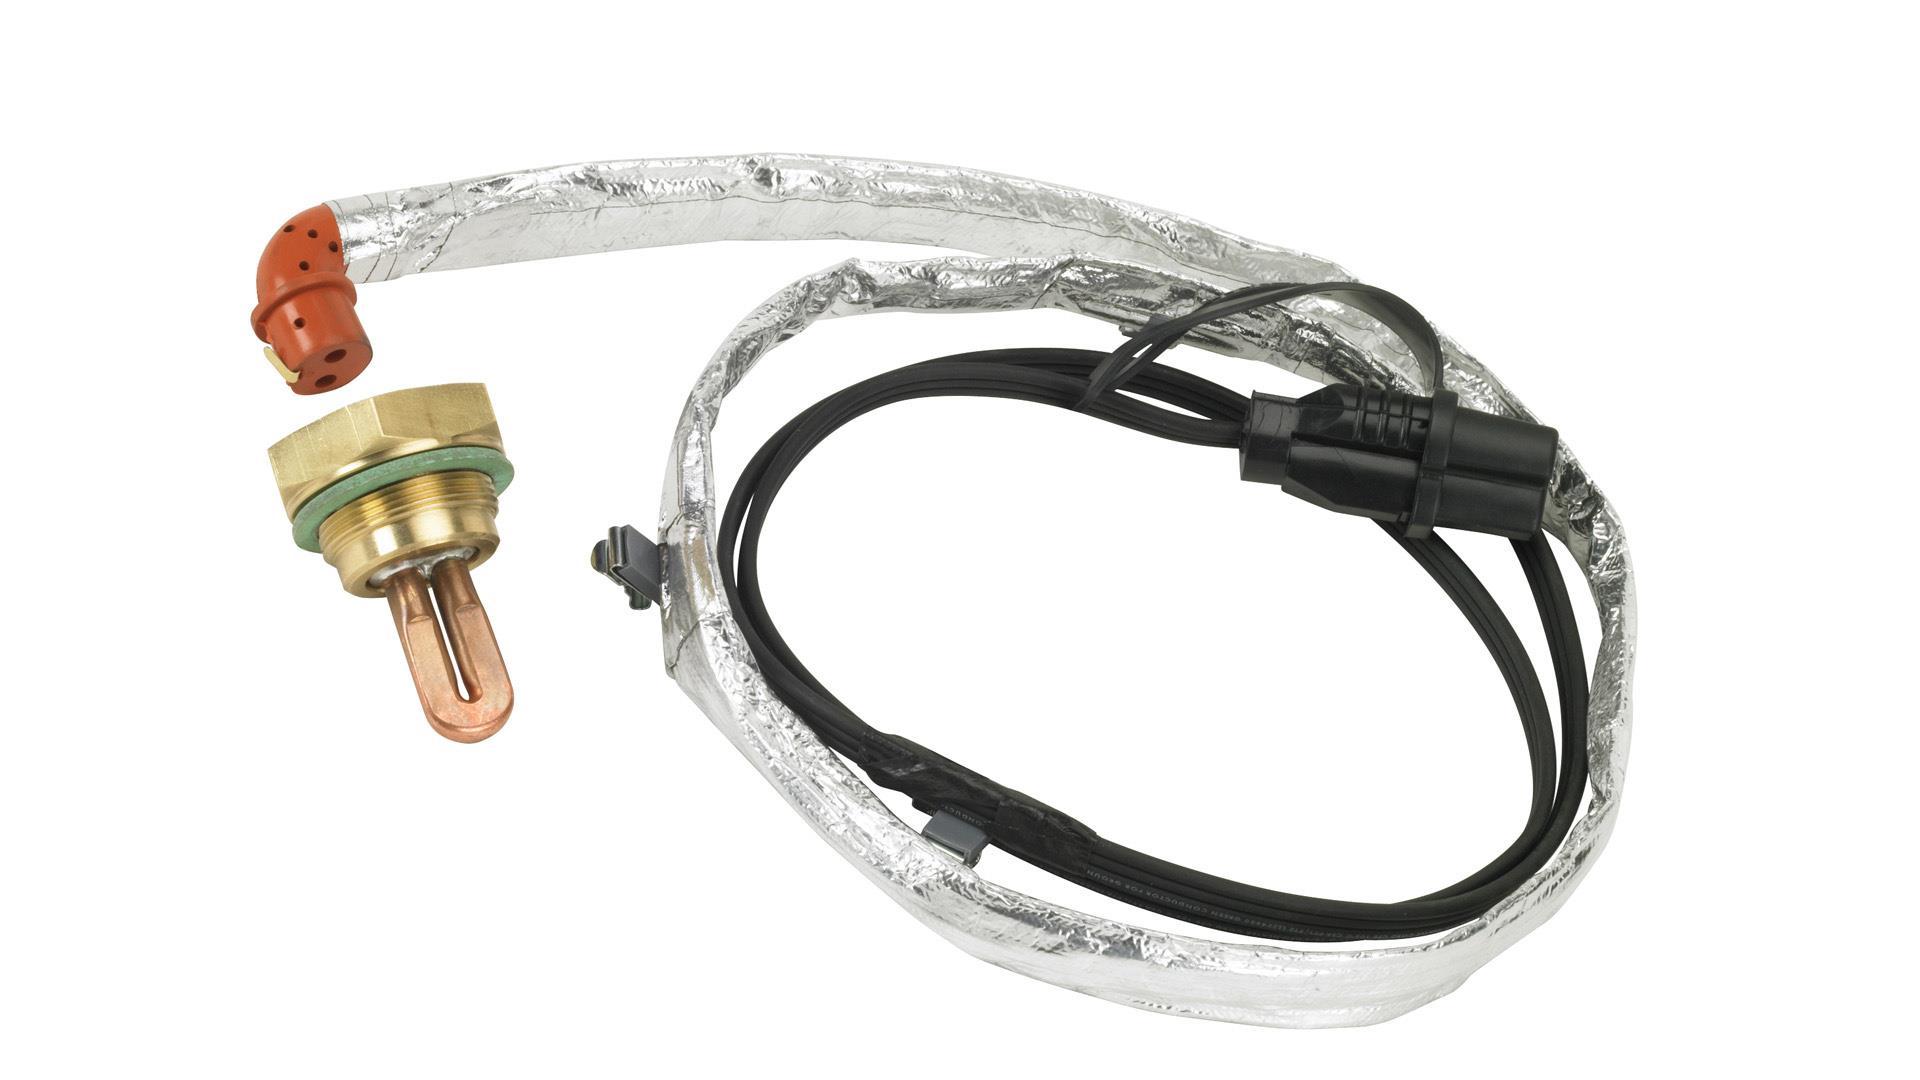 Shop Genuine Subaru Crosstrek Accessories From Heuberger Subaru